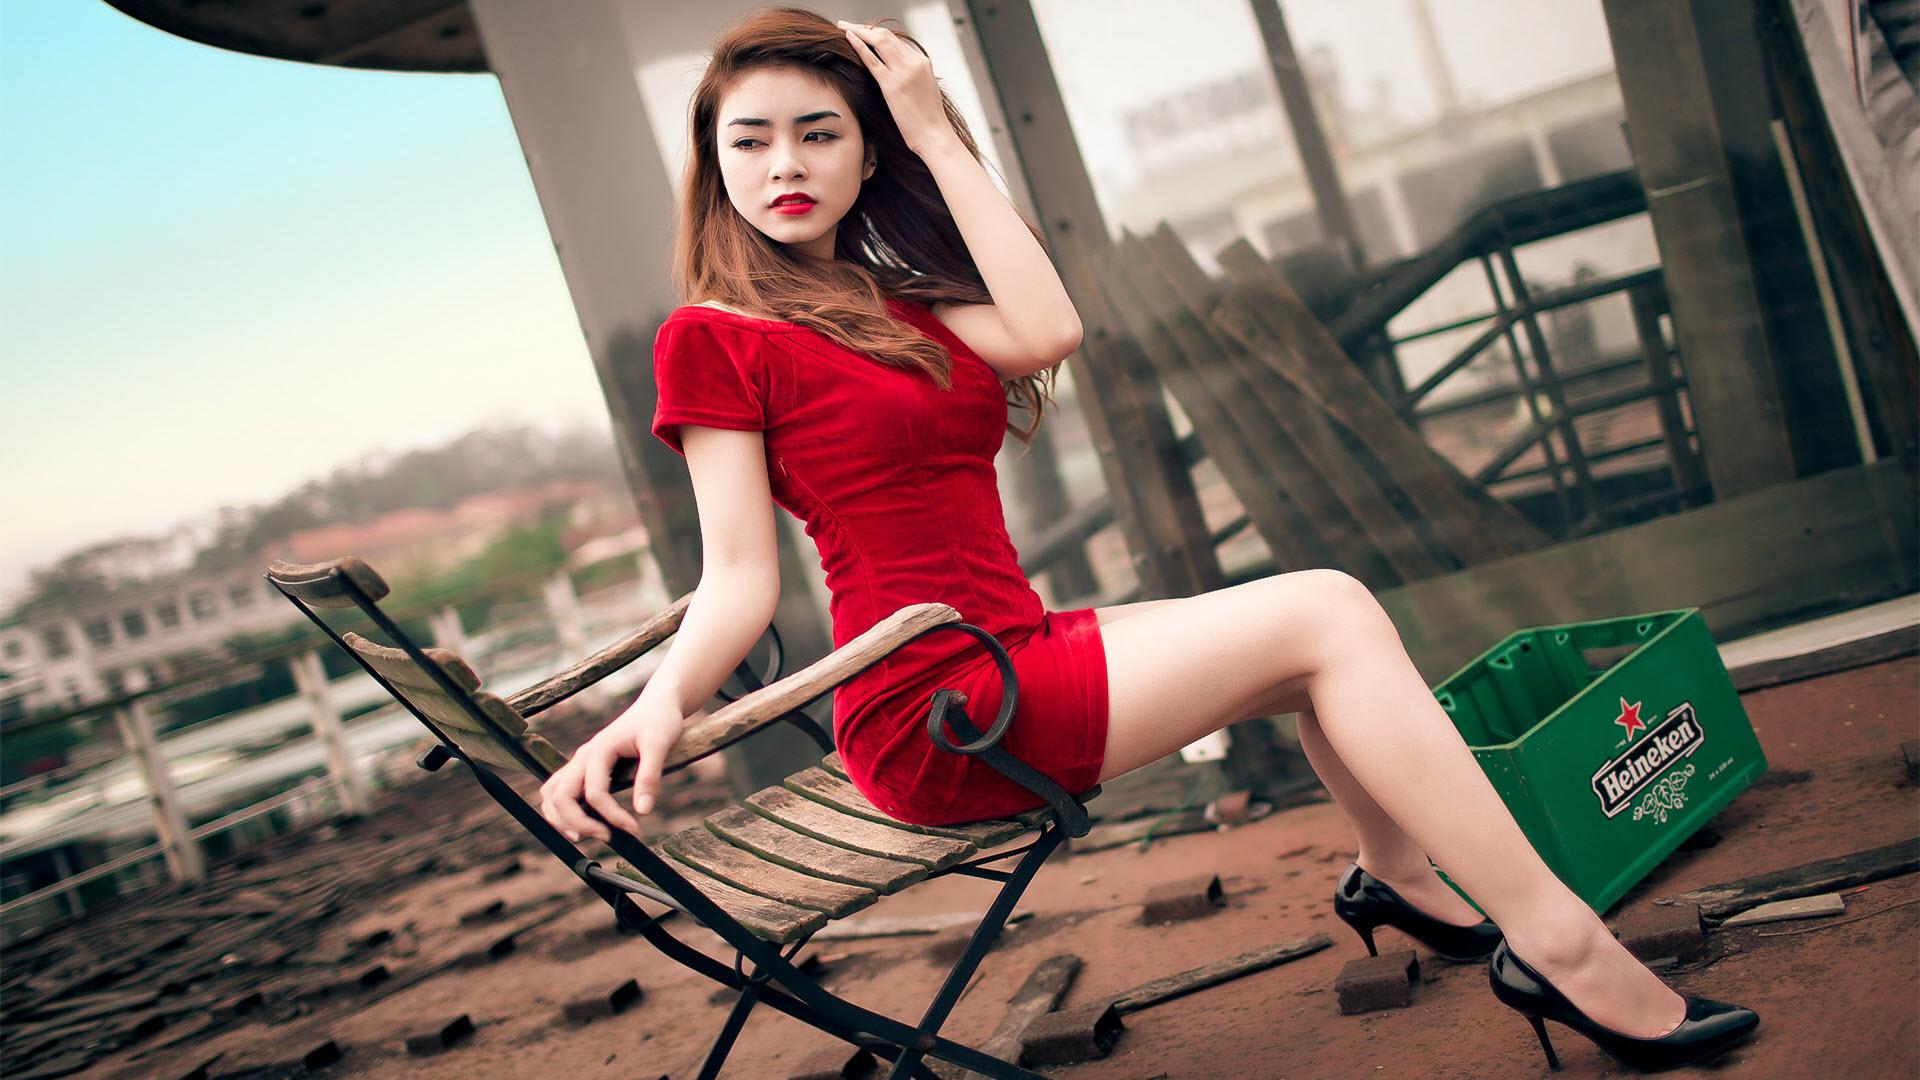 Hình nền hotgirl đẹp dành cho PC